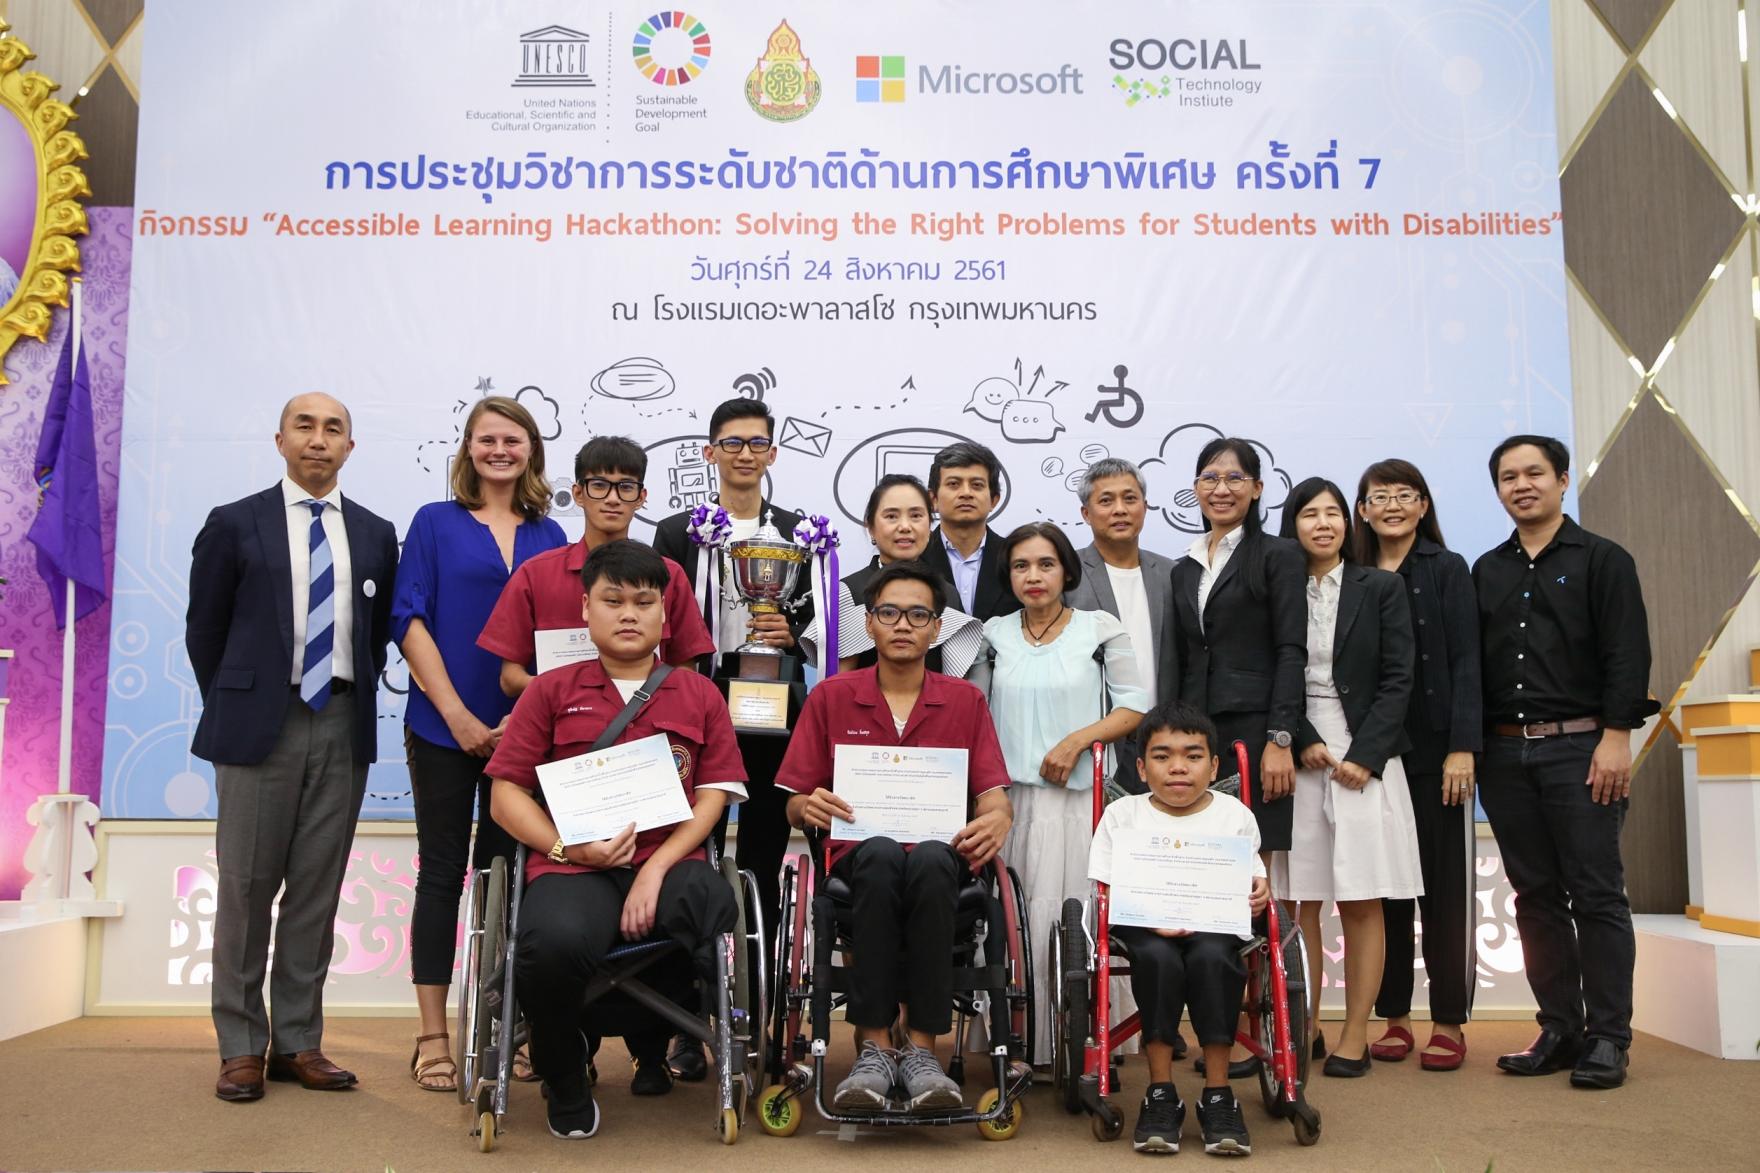 """microsoft accessible learning hackathon ไมโครซอฟท์ ส่งเสริมการพัฒนานวัตกรรมสนับสนุนการเรียนรู้สำหรับนักเรียนพิการ ผ่านการแข่งขัน """"Accessible Learning Hackathon"""""""